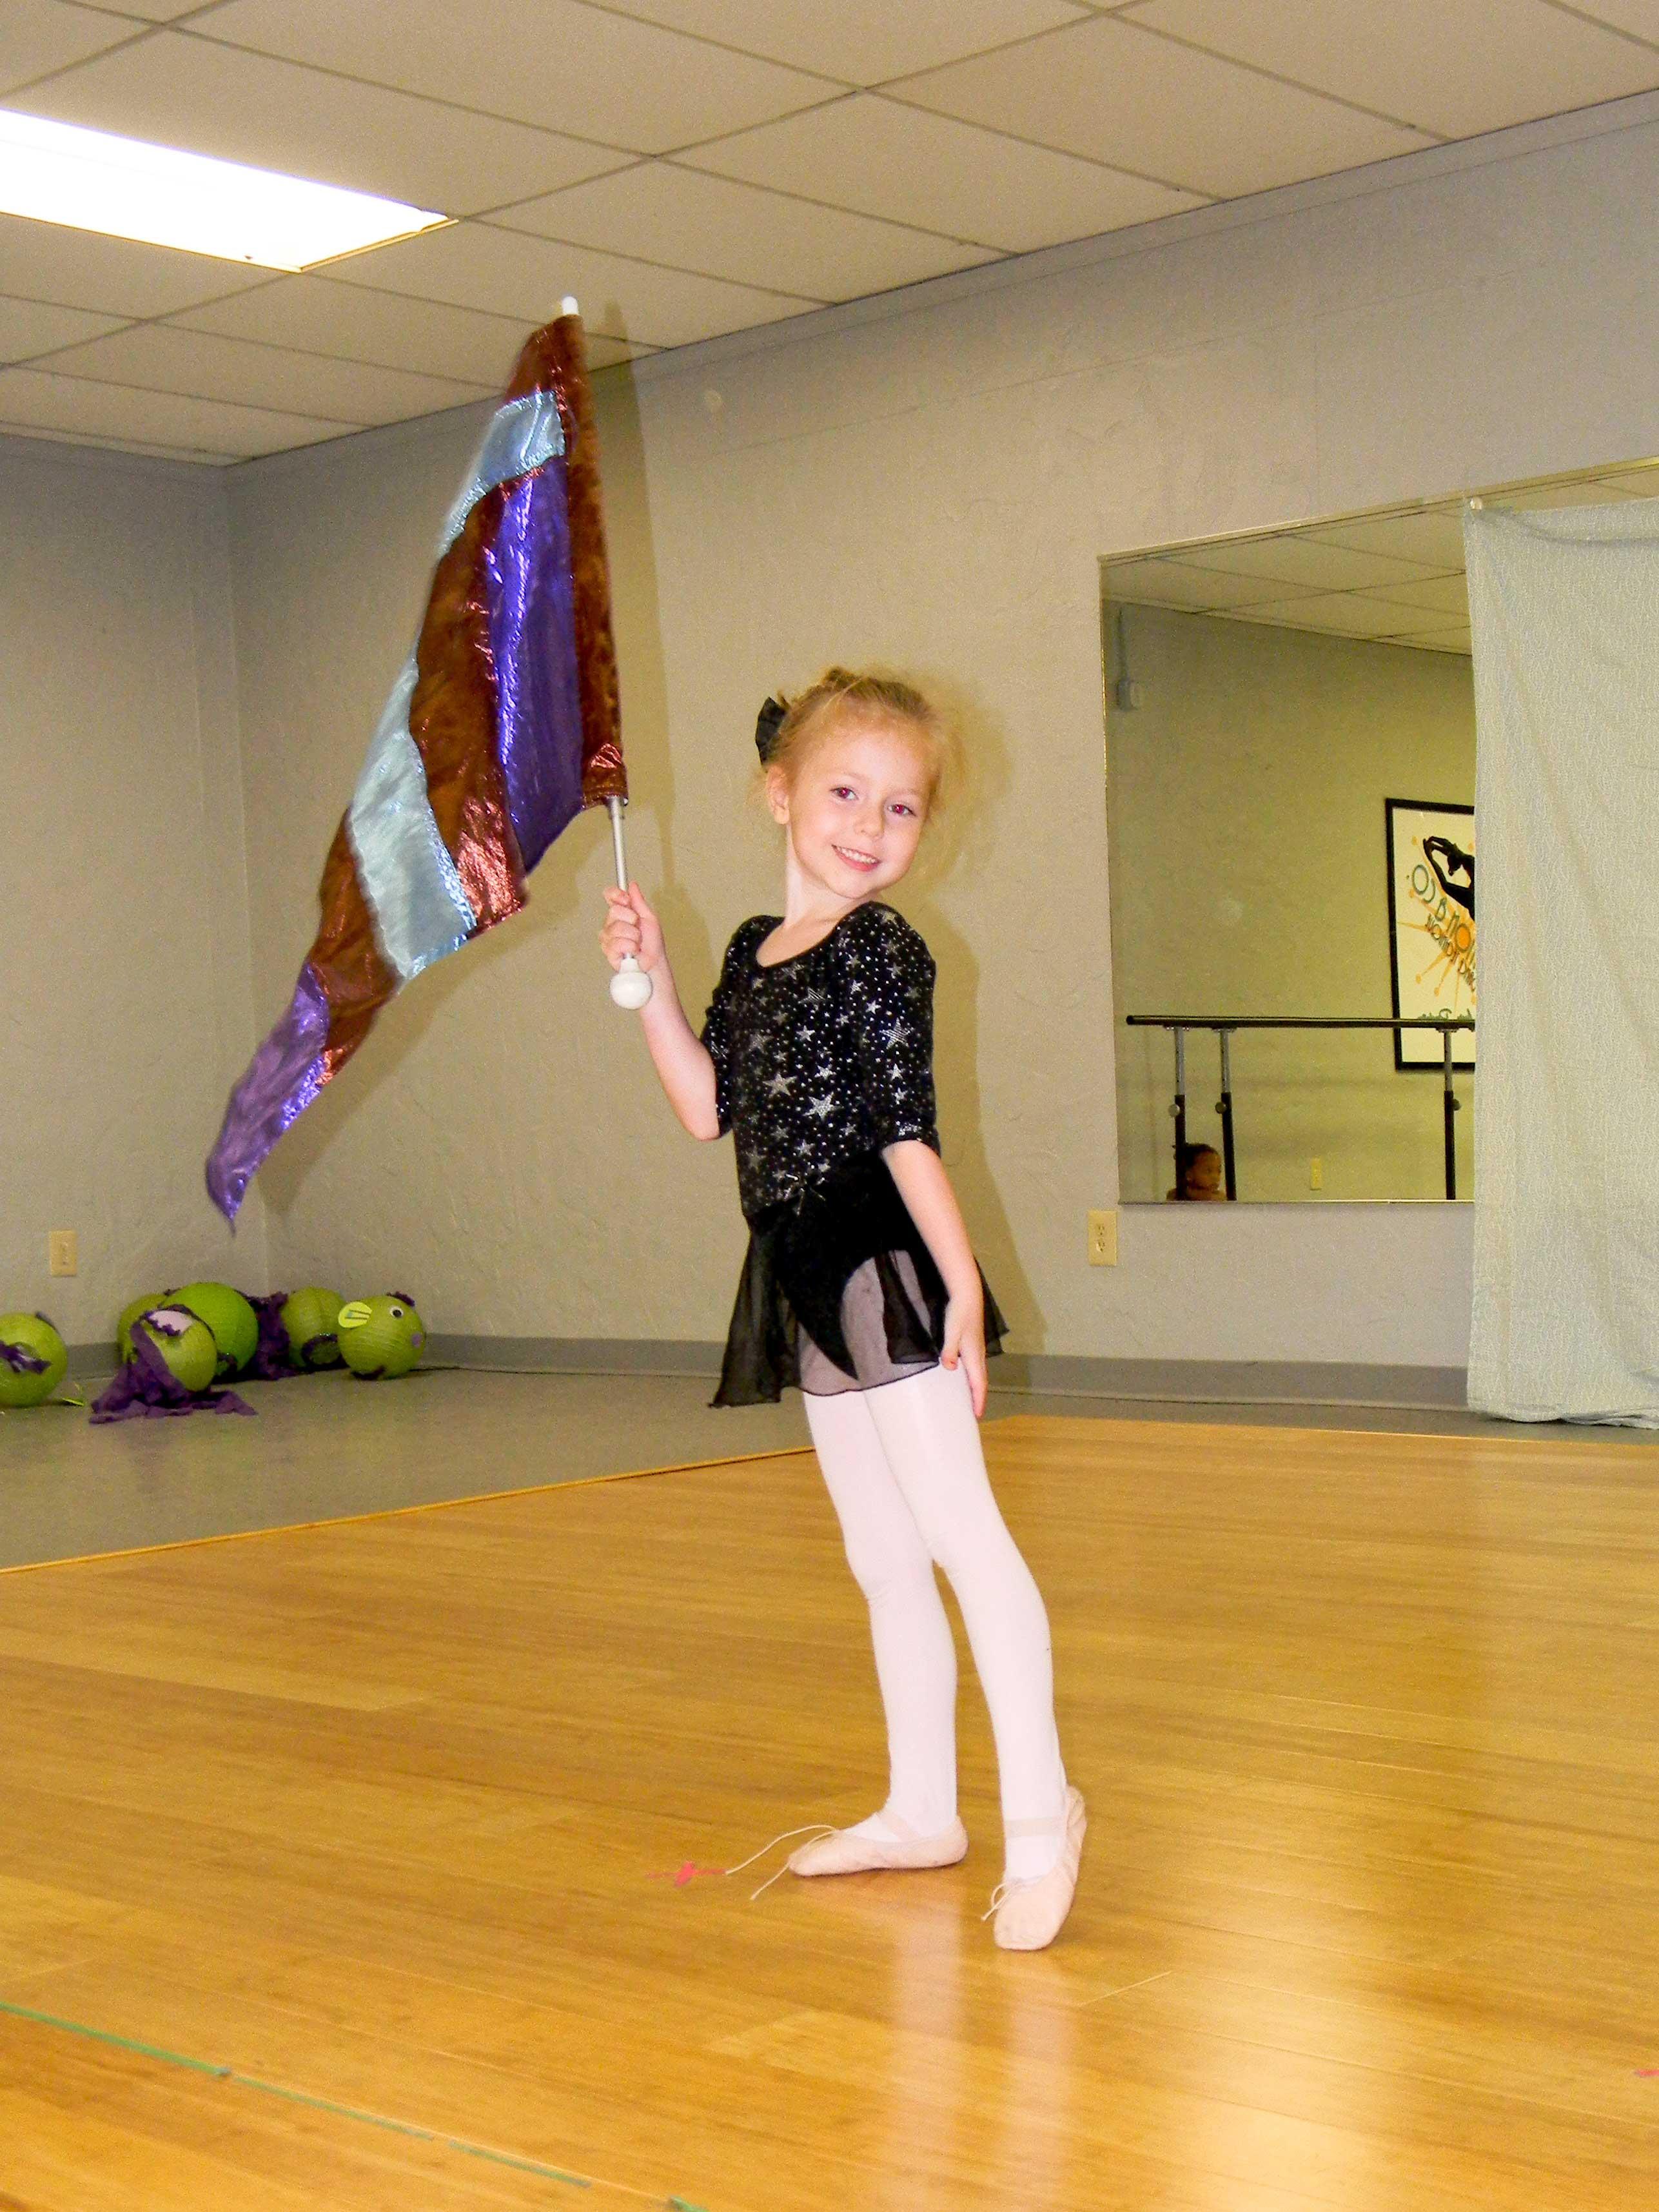 woodward ballet kindergarten dance studio